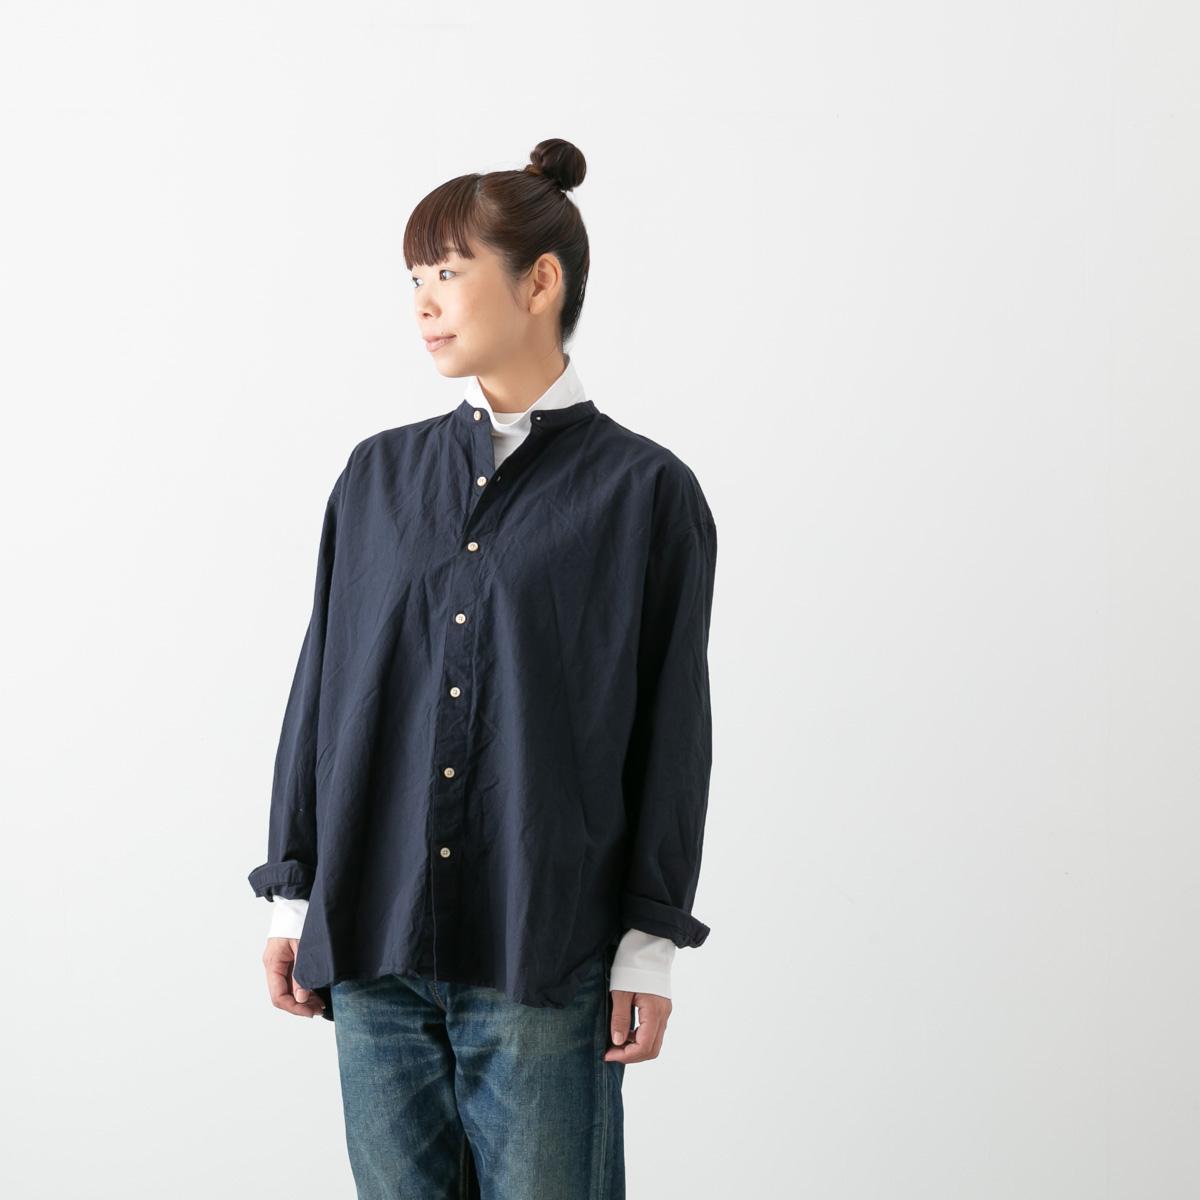 (メール便OK)【クーポン対象外】ARMEN アーメン バンドカラー シャツ 5色 INAM1702PD